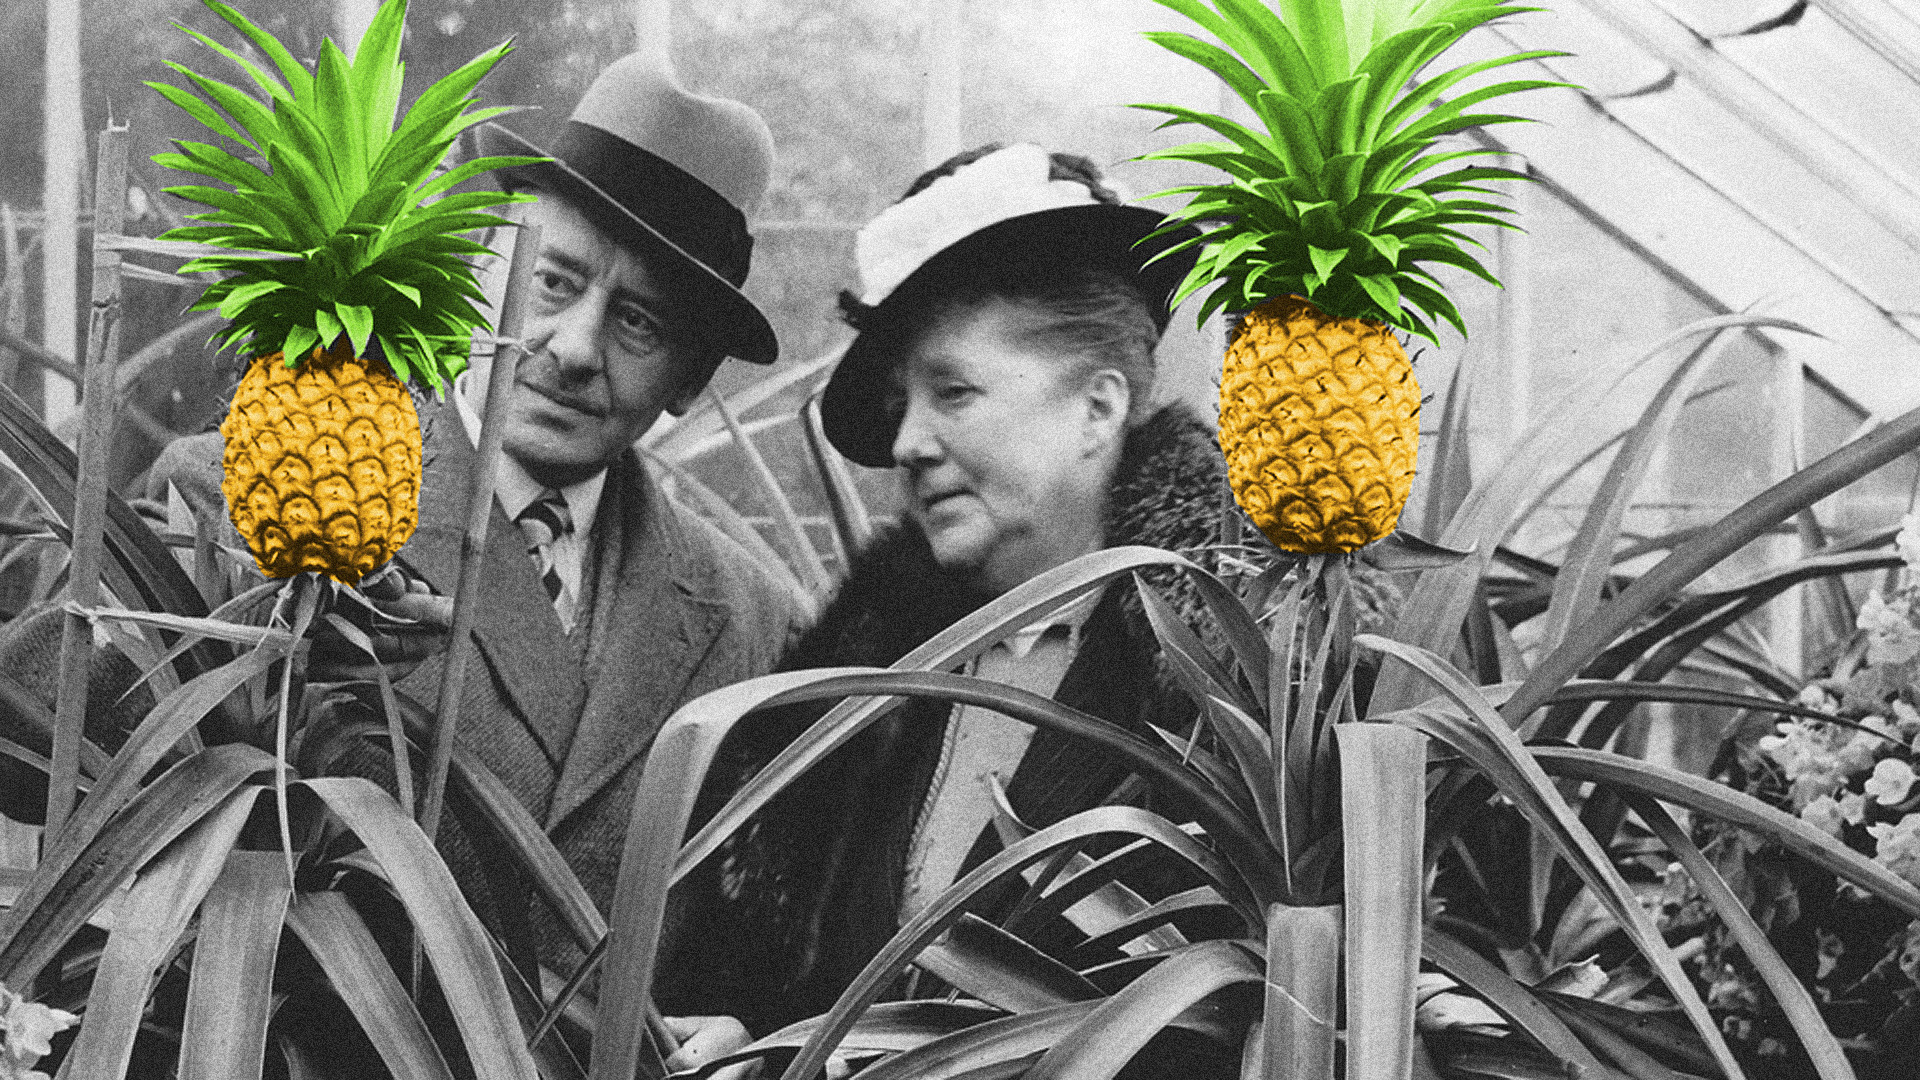 Volt idő, amikor úgy mutogatták az ananászt, mint egy drága műalkotást